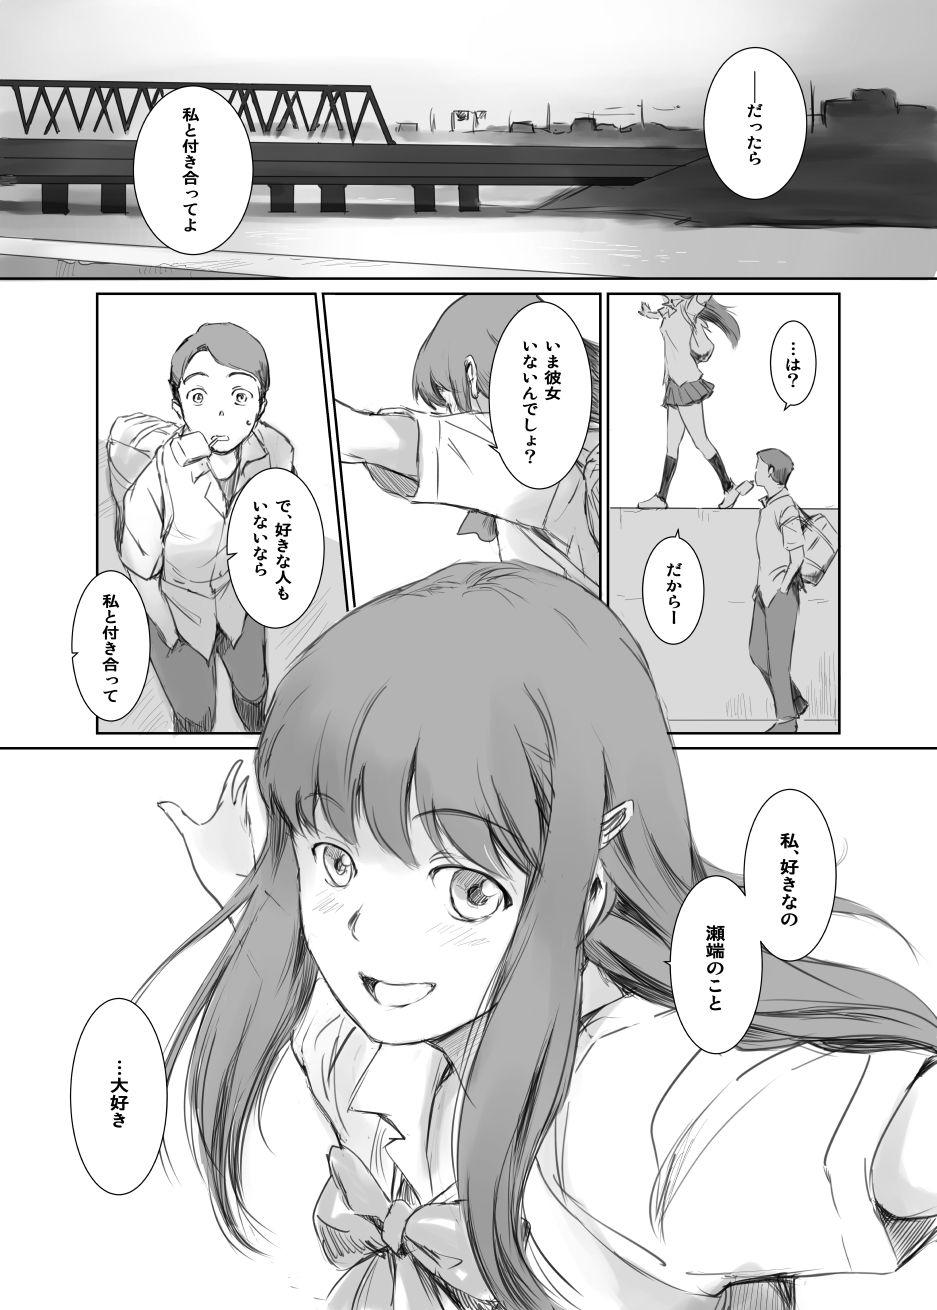 「元カノ」 亜子からの告白を受け入れ、付き合うようになった瀬端。